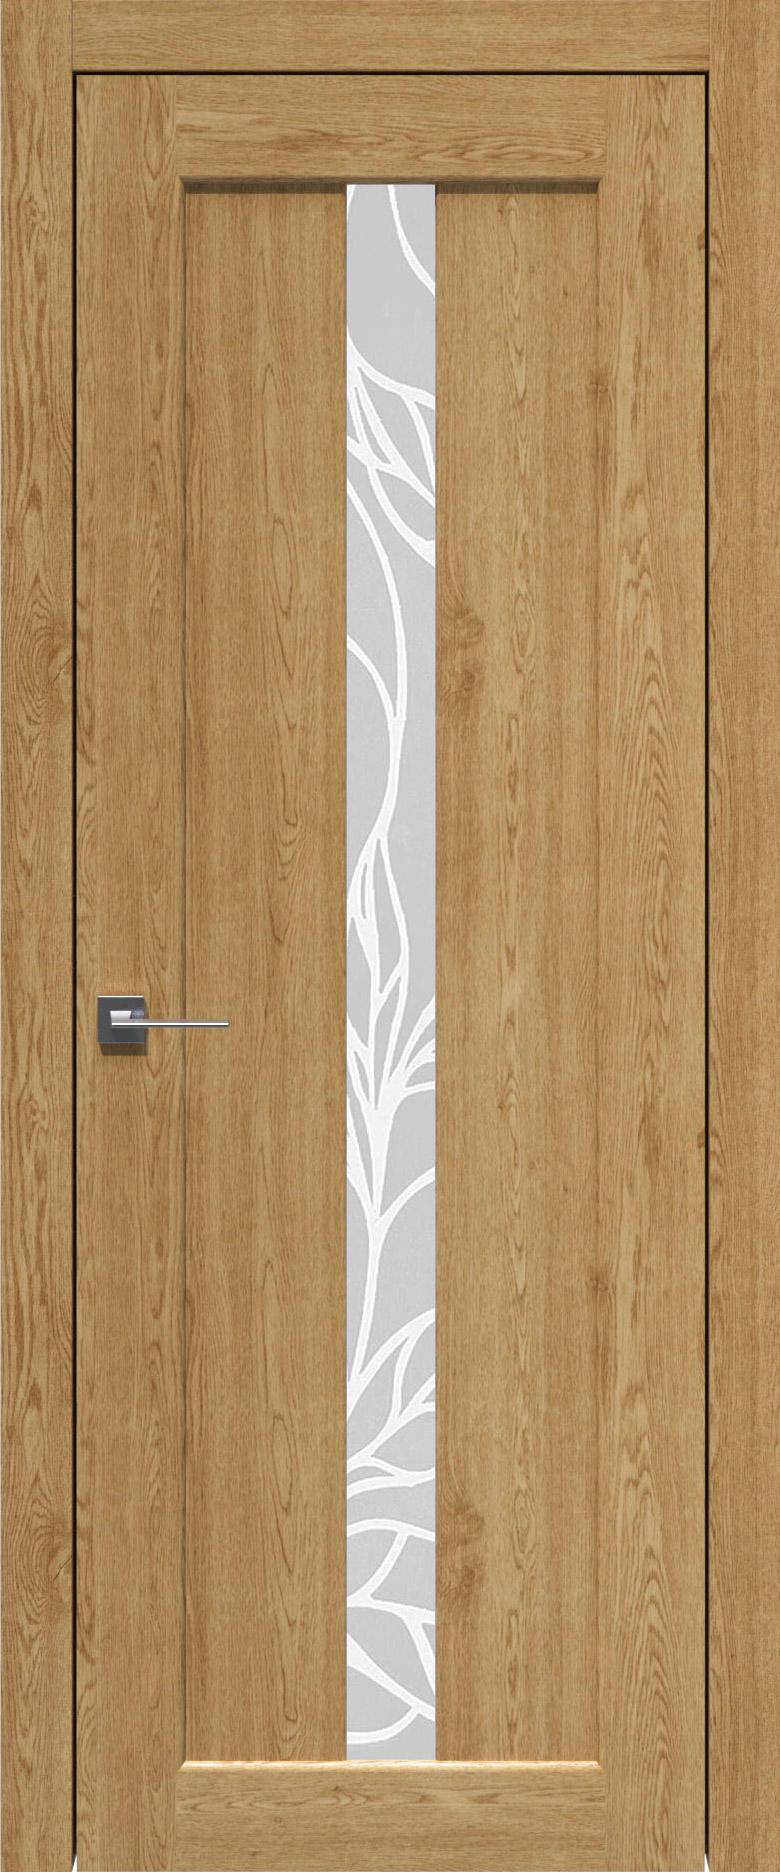 Pianta цвет - Дуб натуральный Без стекла (ДГ)